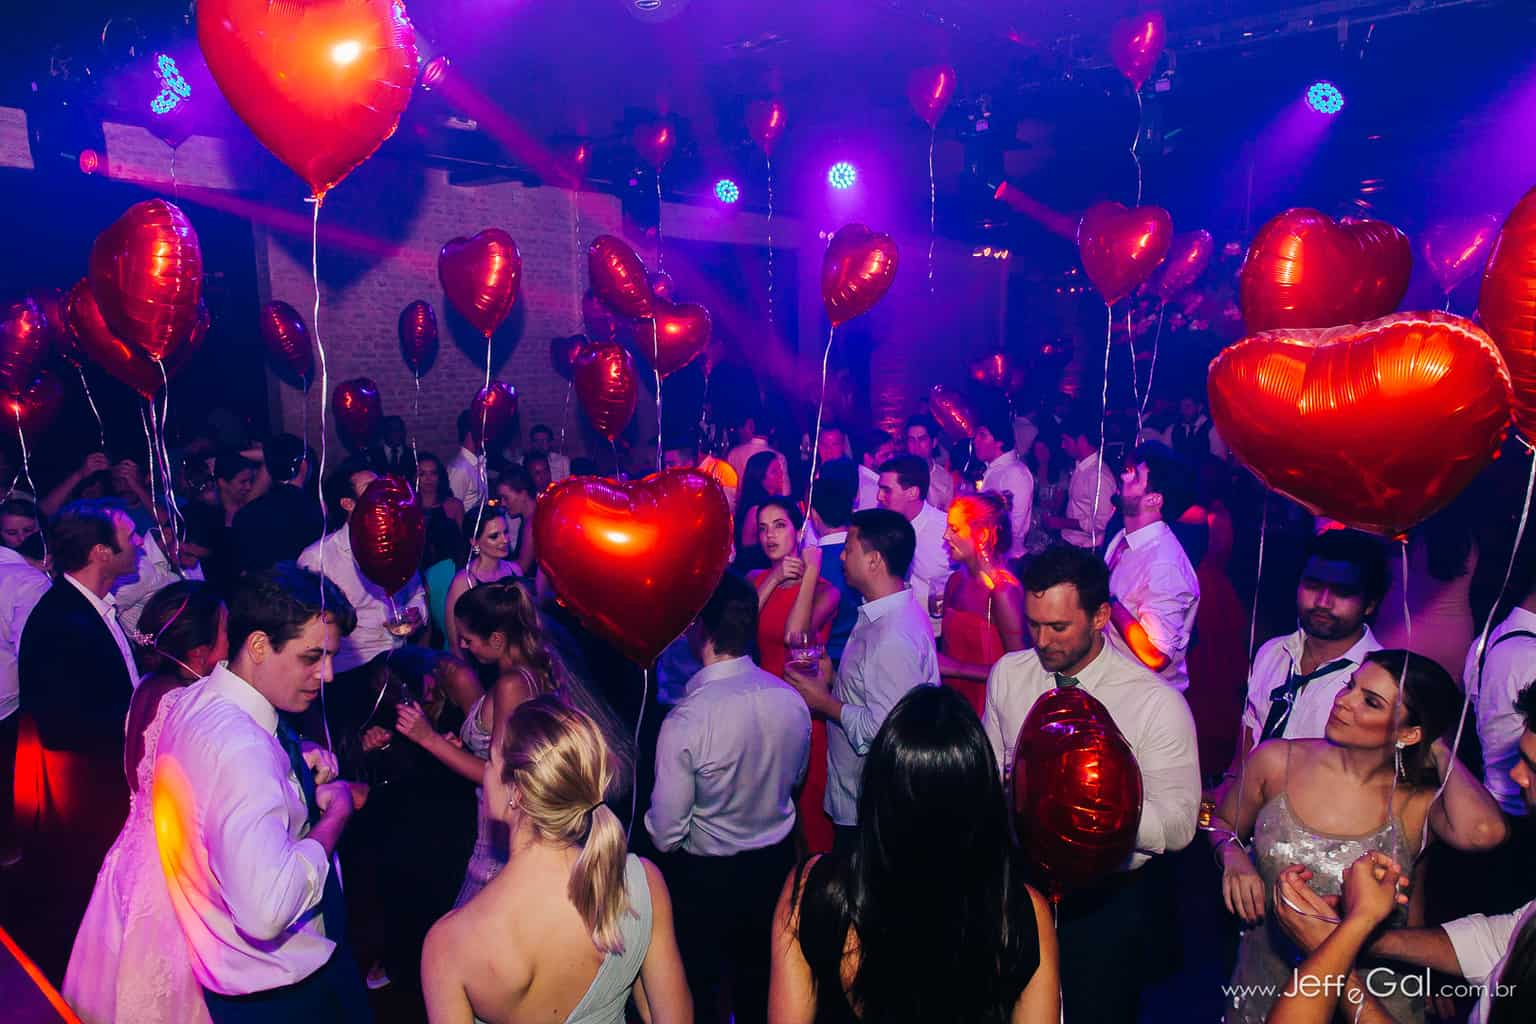 baloes-na-pista-casamento-Beth-e-Daniel-festa-de-casamento79